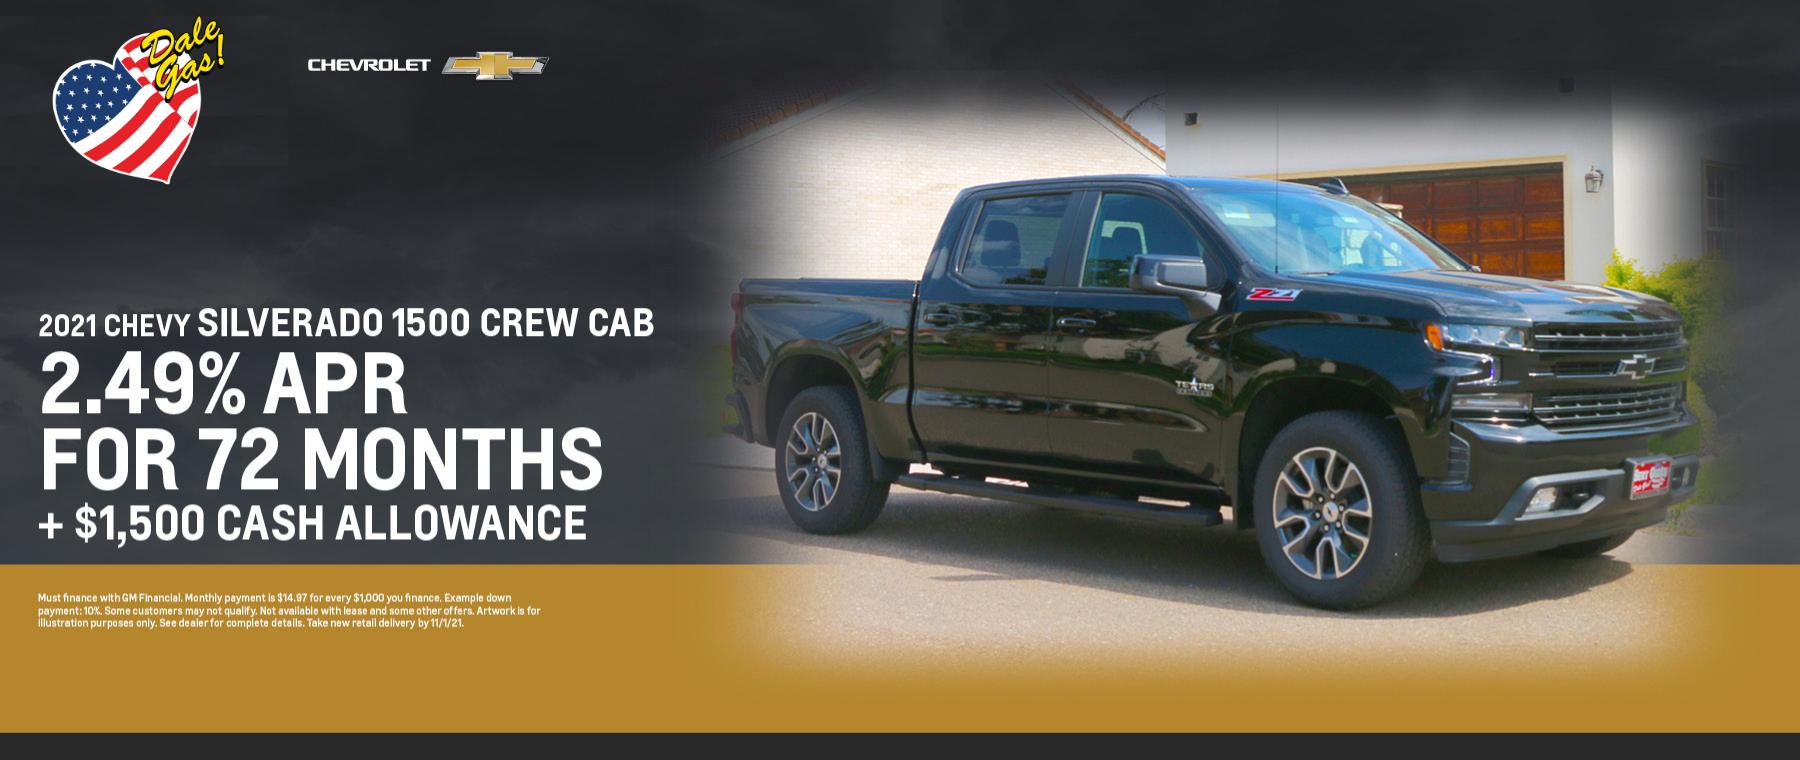 2021 Chevrolet Silverado 1500 Crew Cab Offer - October 2021